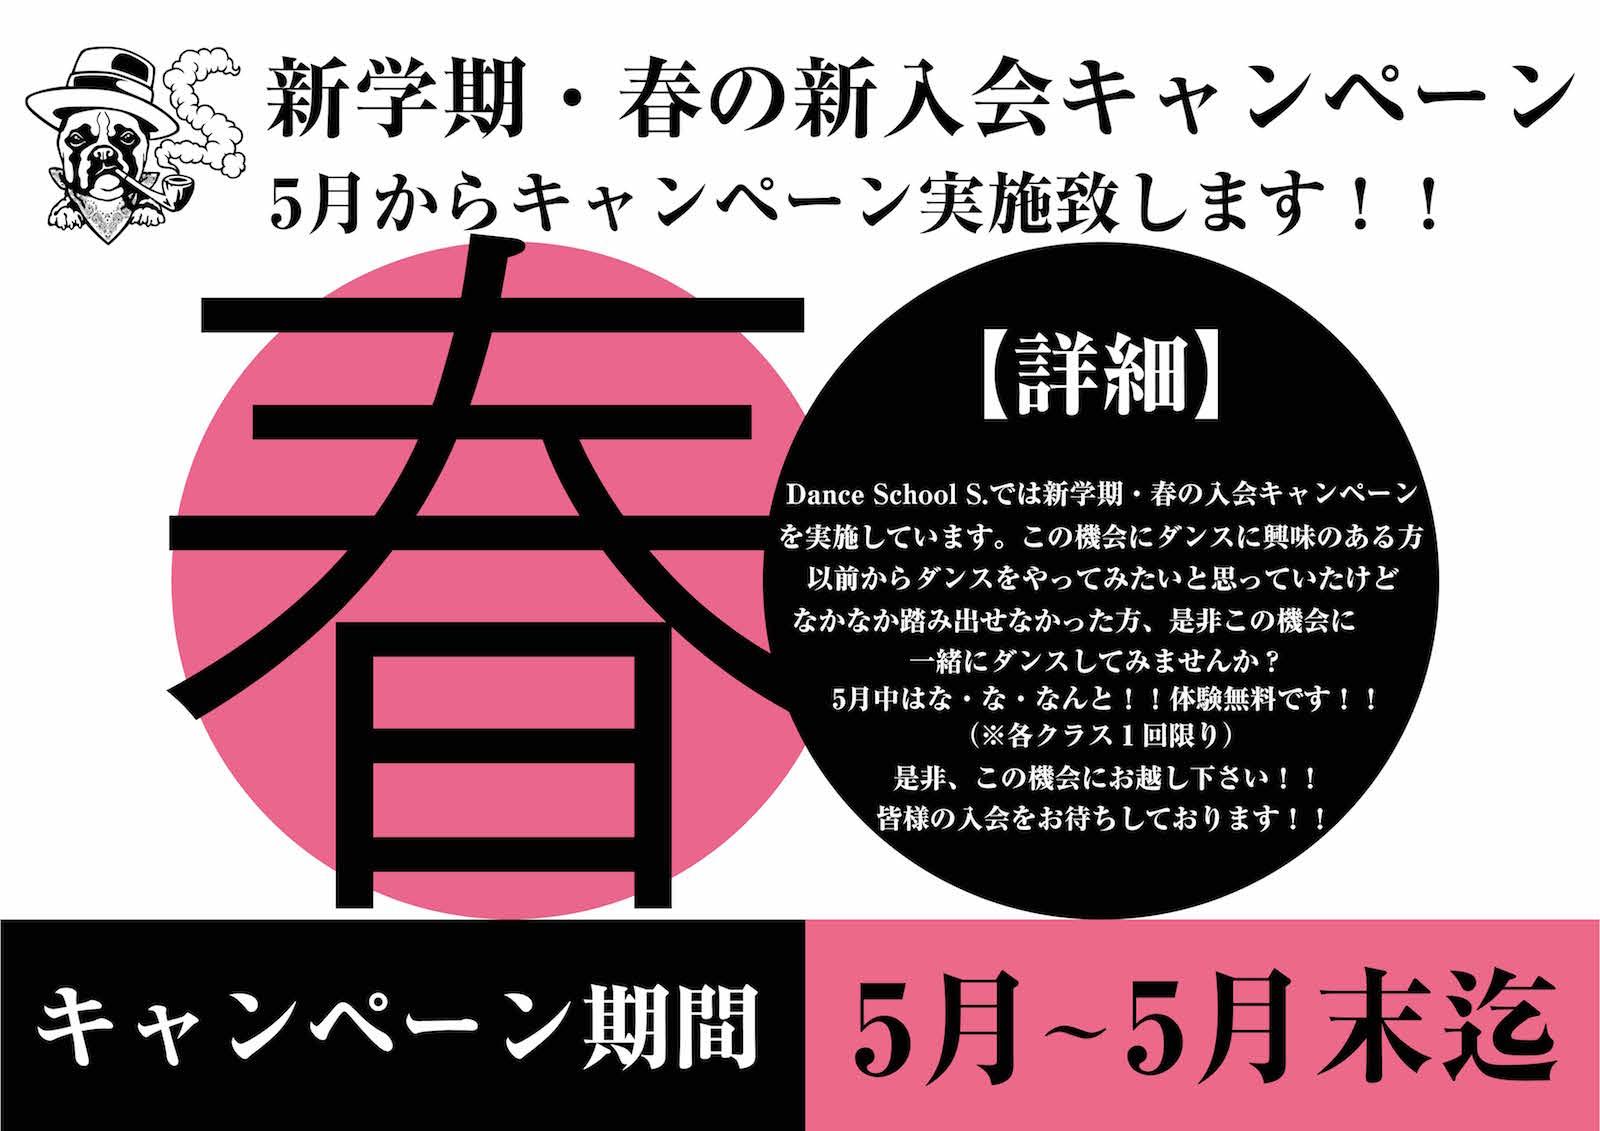 新学期・春の入会キャンペーン実施します!!